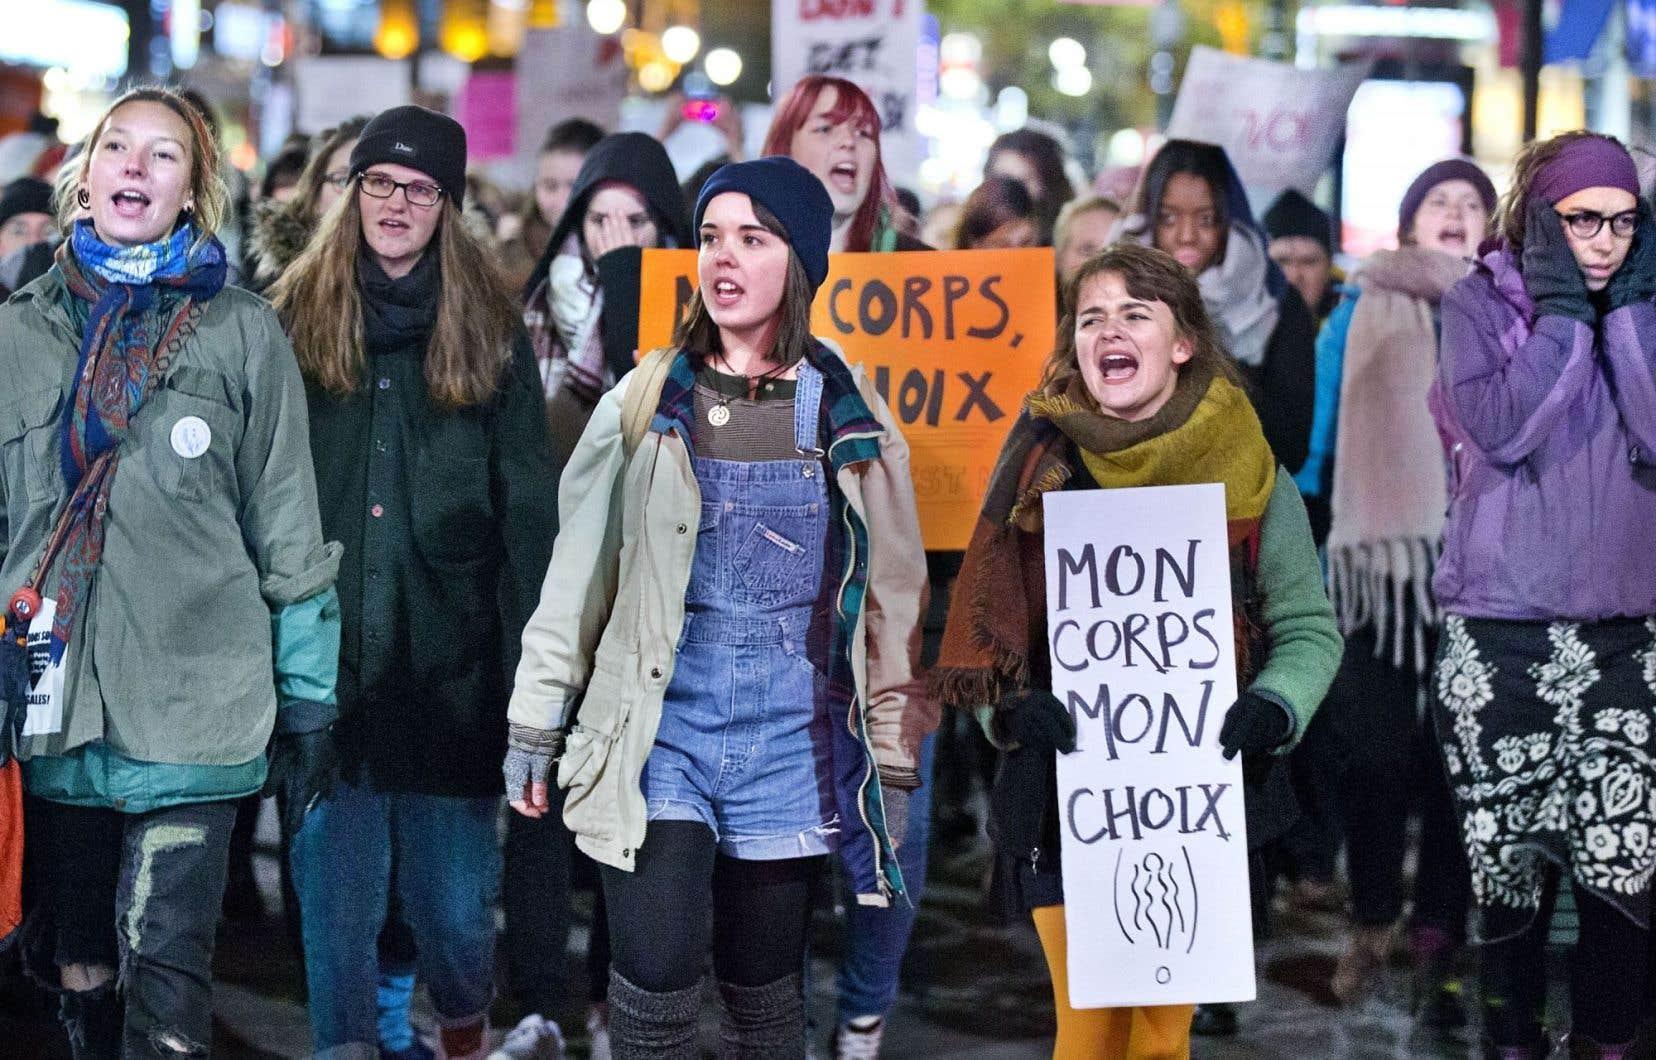 Plus d'un millier de manifestants et de manifestantes ont bravé le froid, mercredi soir, à Montréal, afin de dénoncer la «culture du viol». Rassemblés à la place Émilie-Gamelin, les protestataires ont assisté à près d'une heure d'allocutions avant que la marche ne soit lancée par Femmes autochtones du Québec.